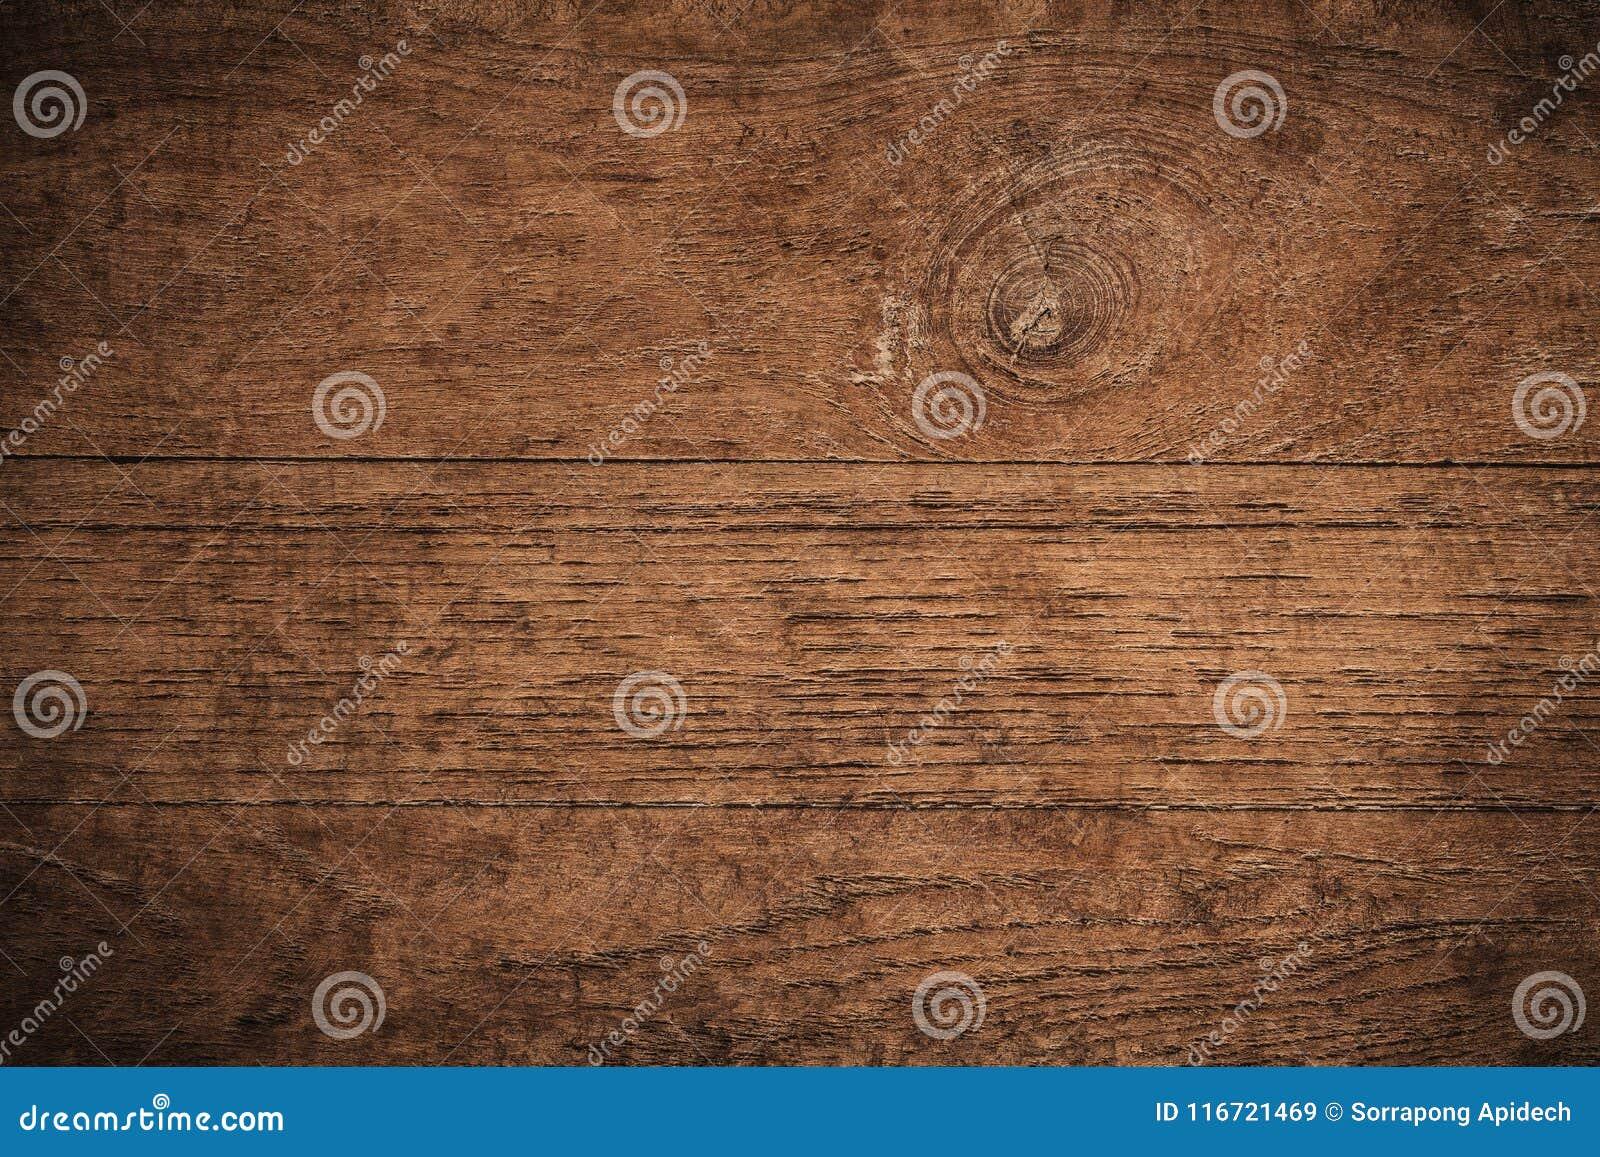 Oude grunge donkere geweven houten achtergrond, de oppervlakte van de oude bruine houten textuur, het hoogste menings bruine teak